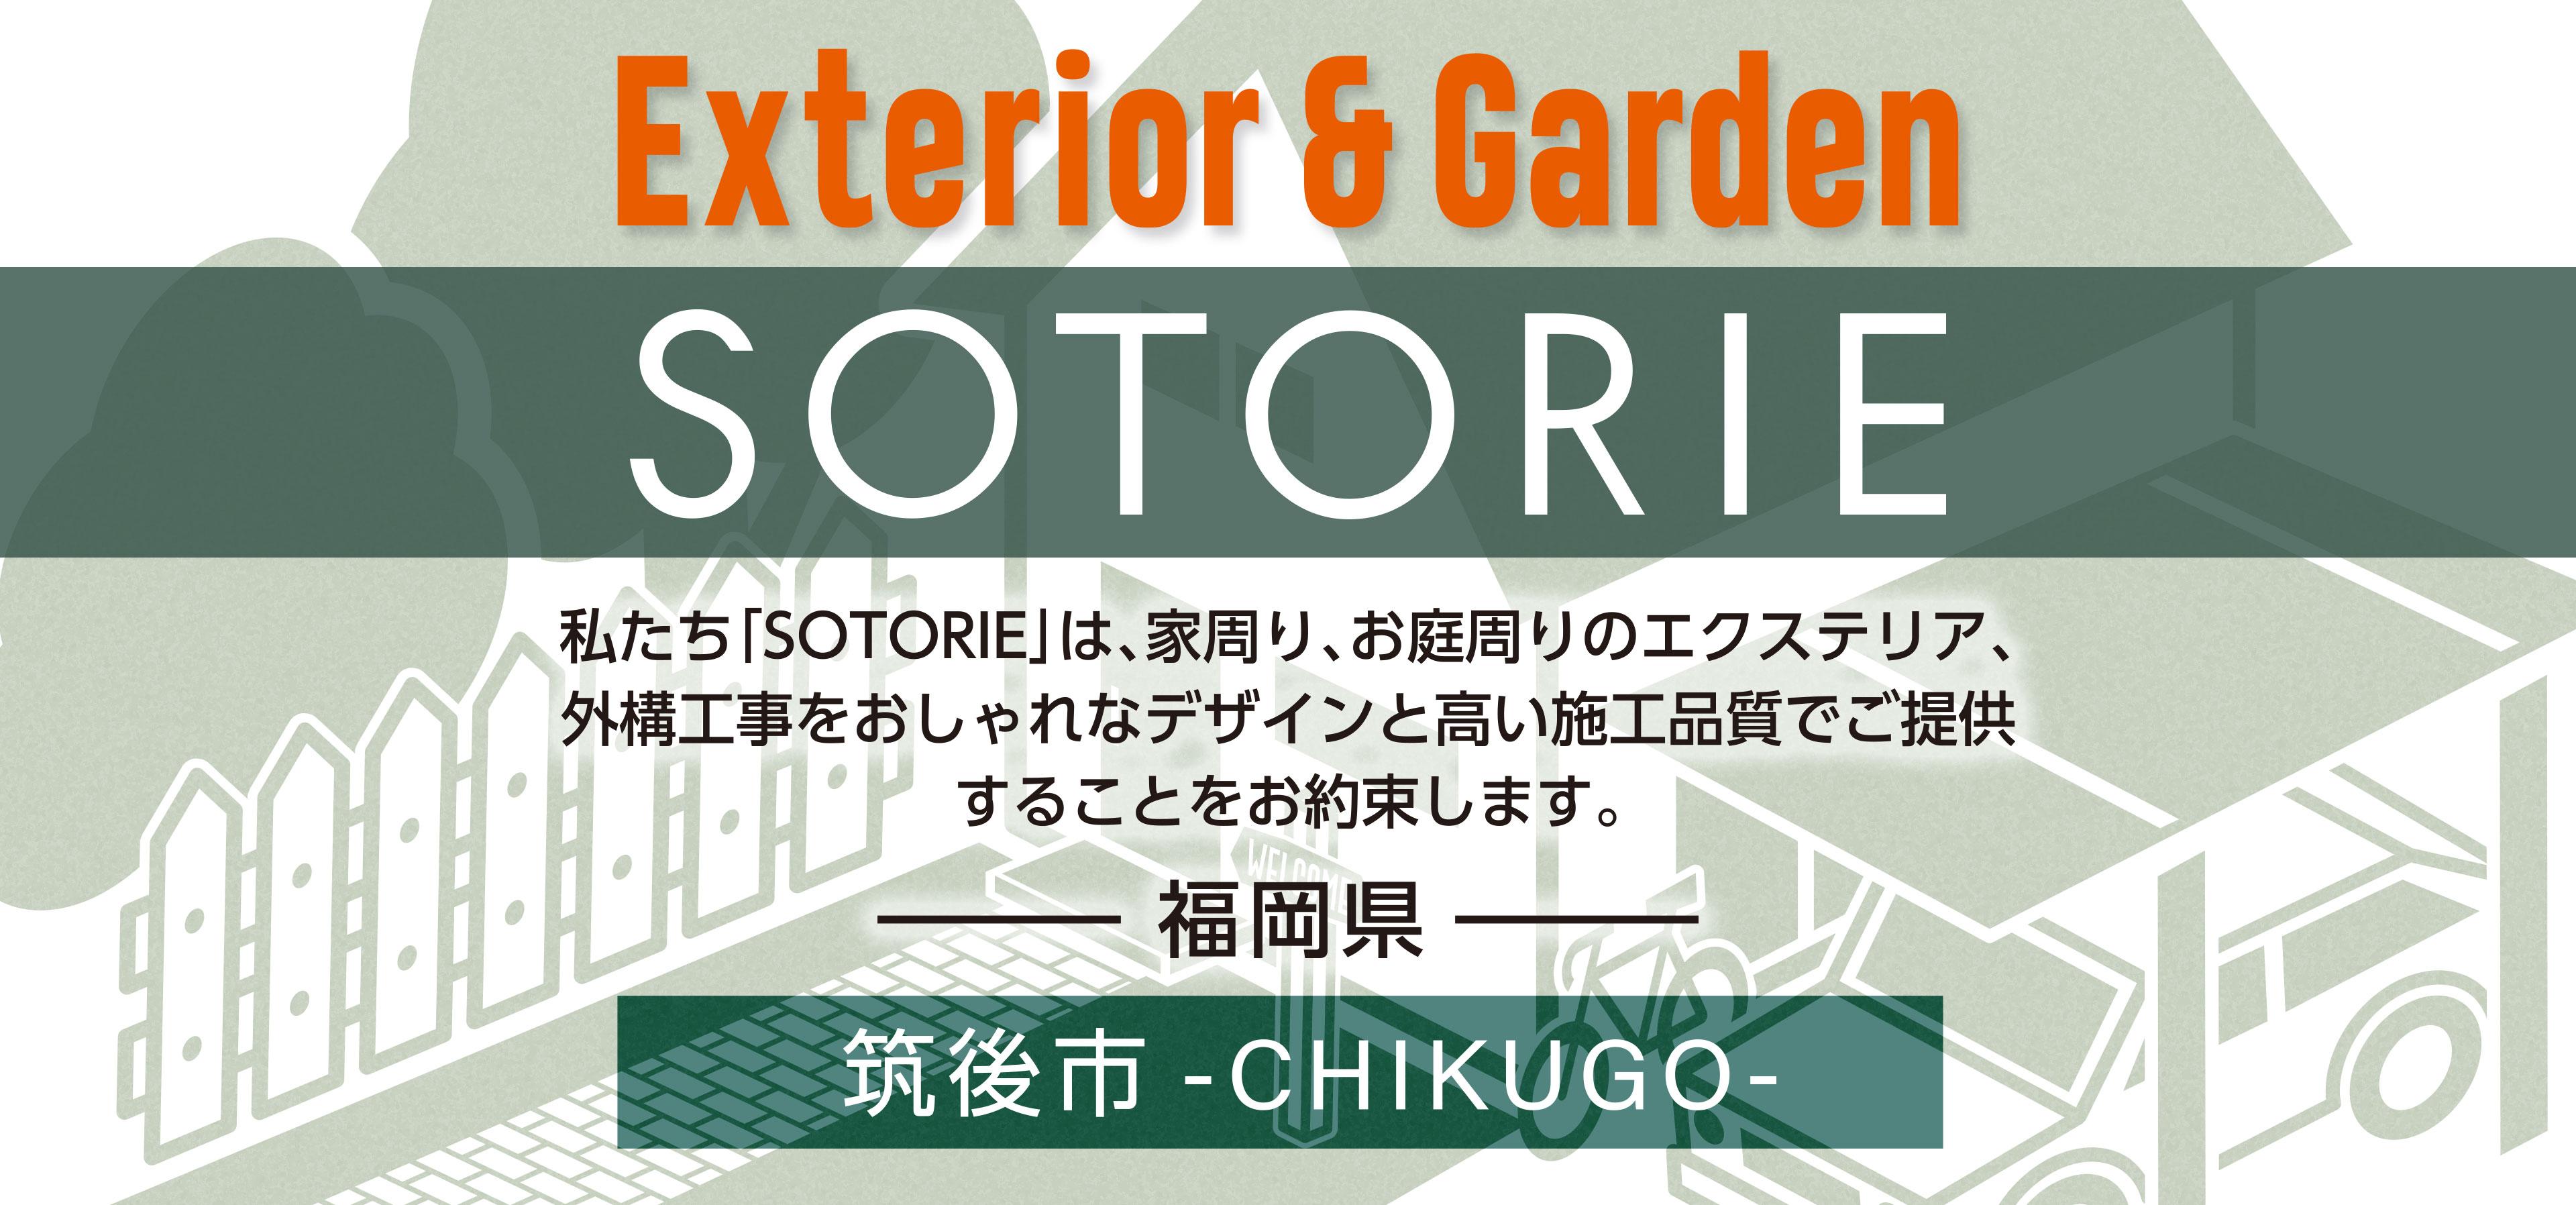 ソトリエ筑後市では、家周りと庭周りの外構、エクステリア工事をおしゃれなデザインと高い施工品質でご提供することをお約束します。